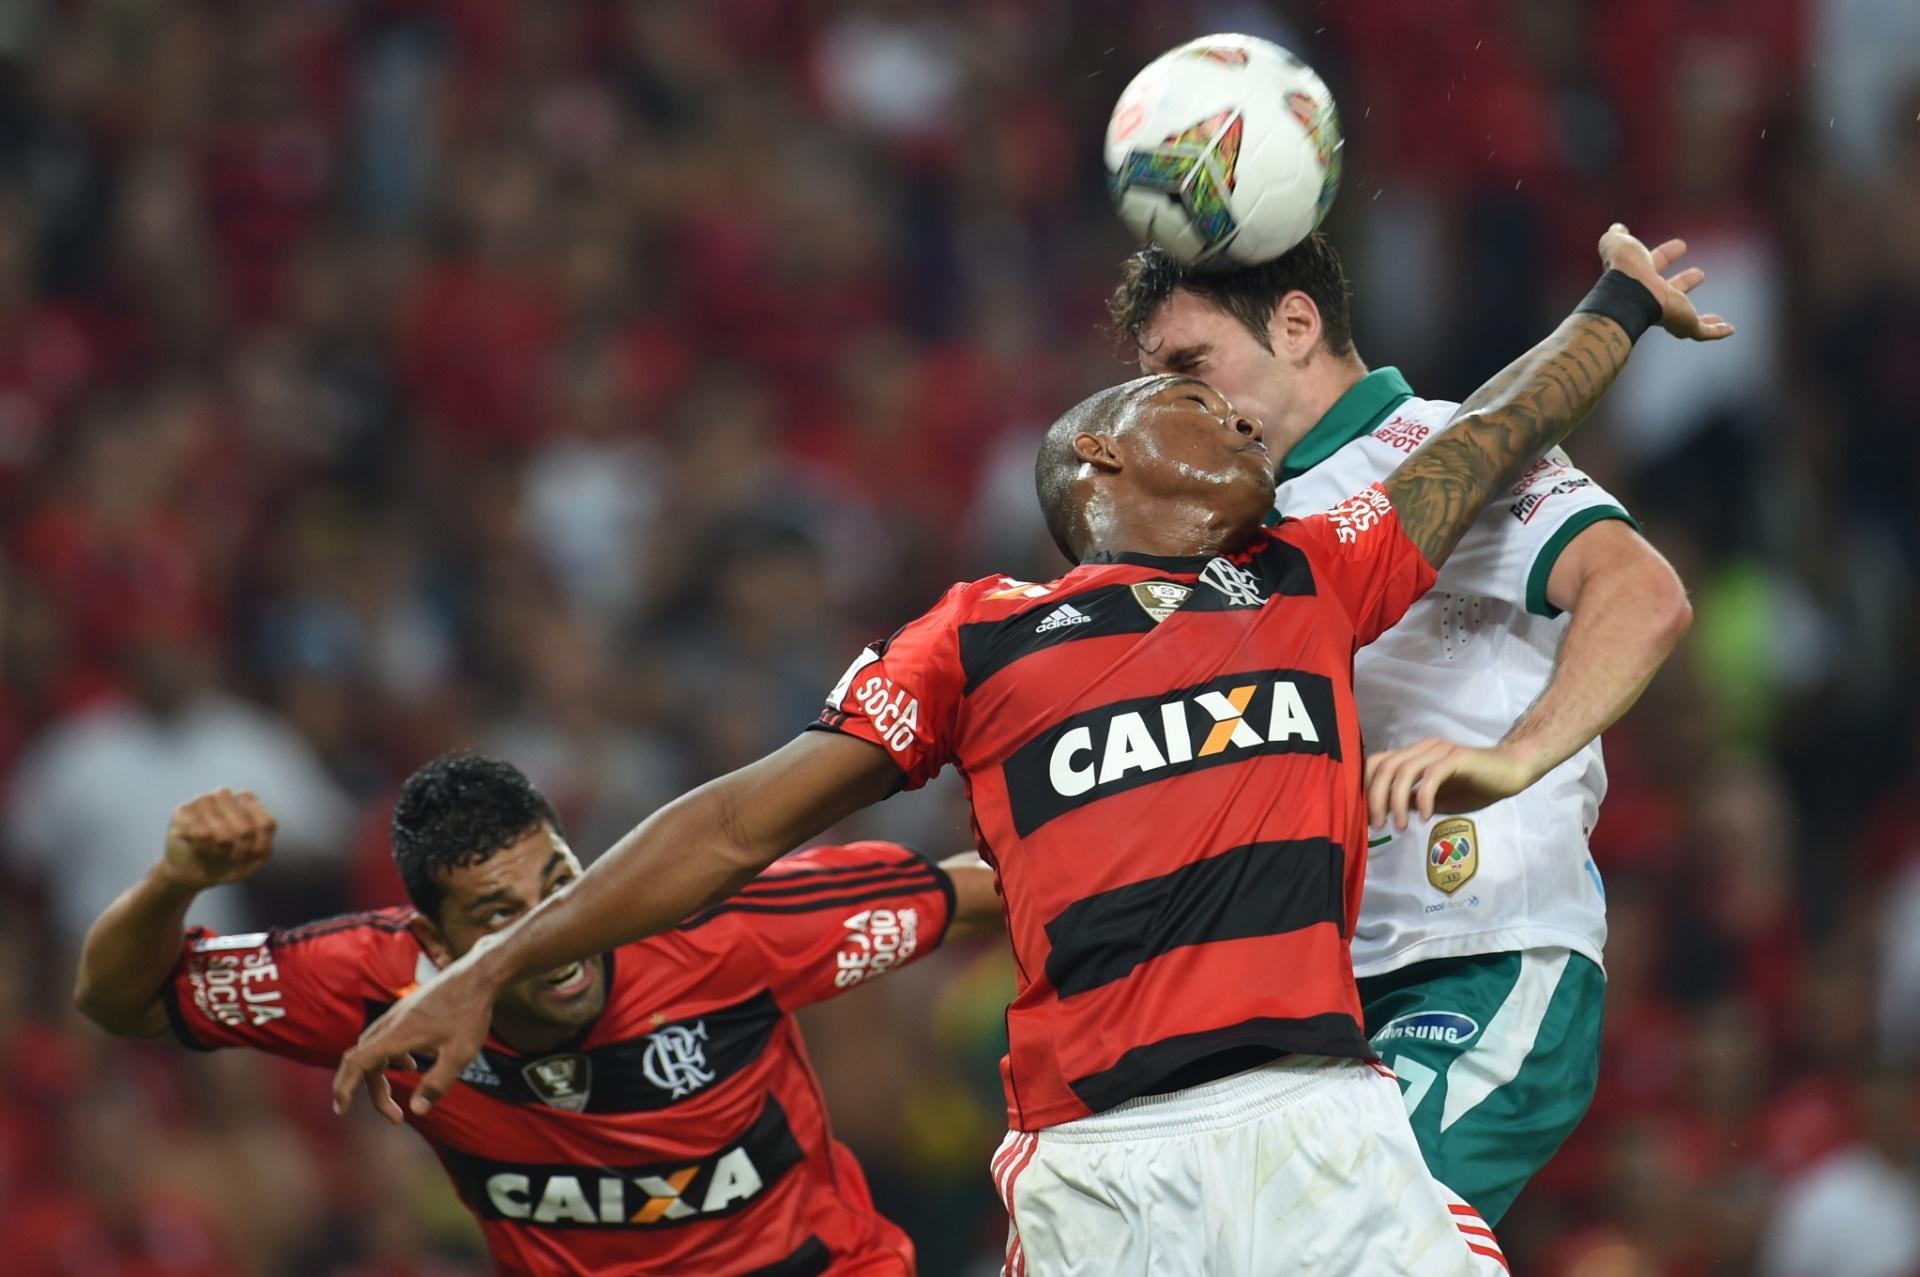 09.04.2014 - Flamengo e León empataram por 2 a 2 no primeiro tempo no Maracanã